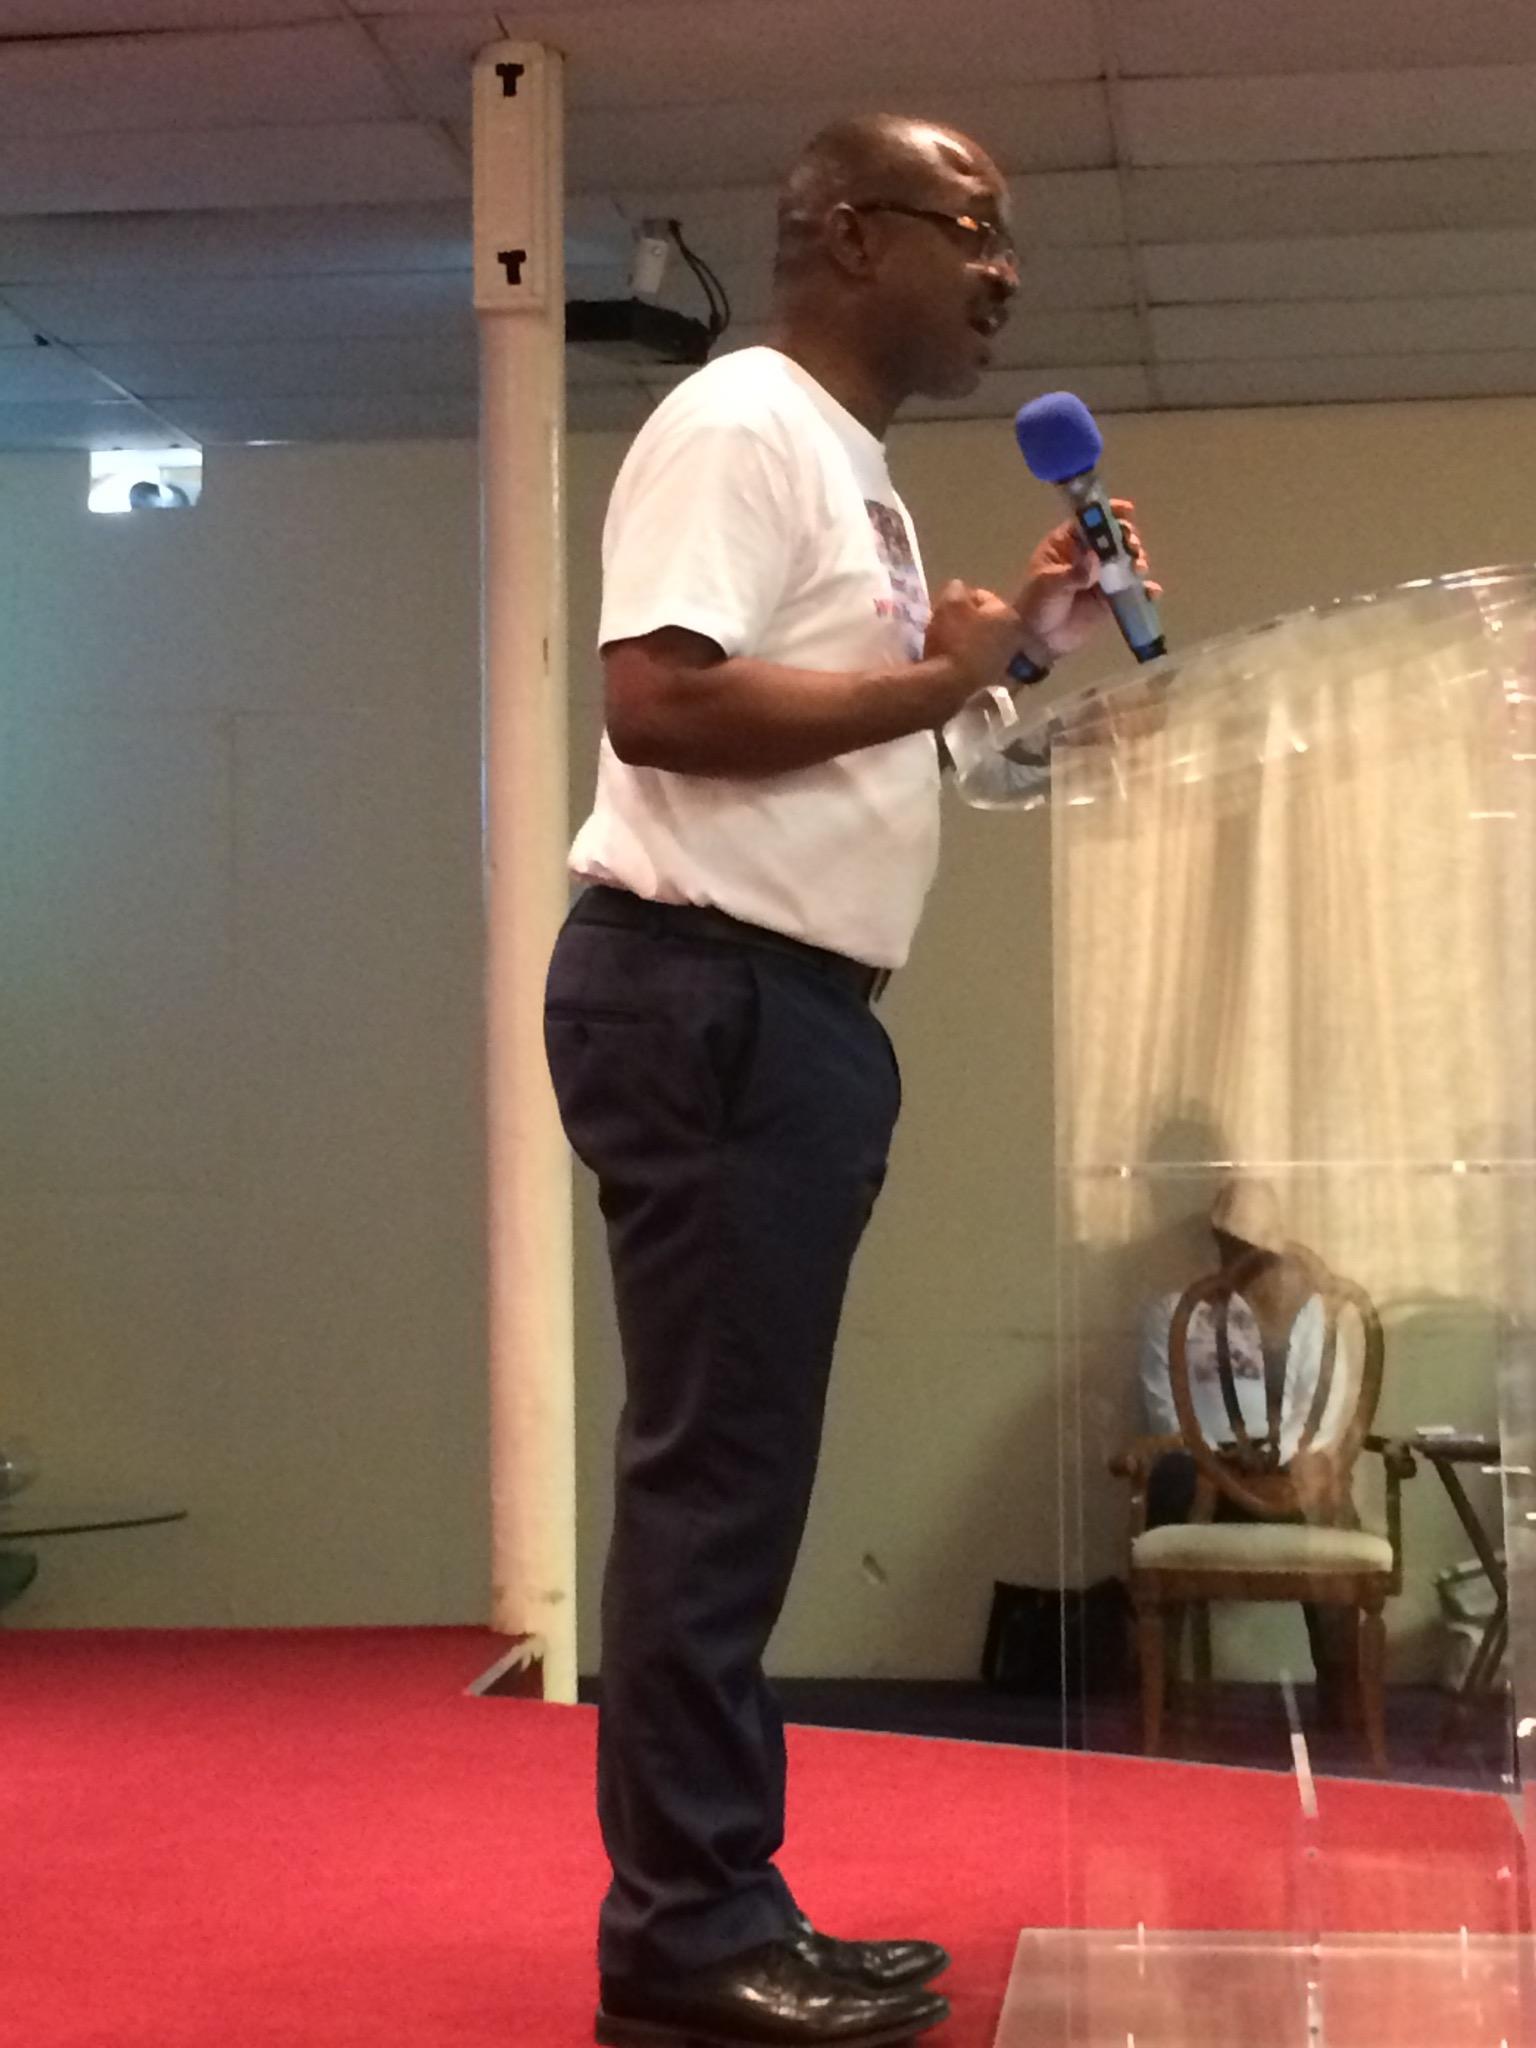 #UkZone1 #RORUK2018 #PastorOsundo #AmazingService